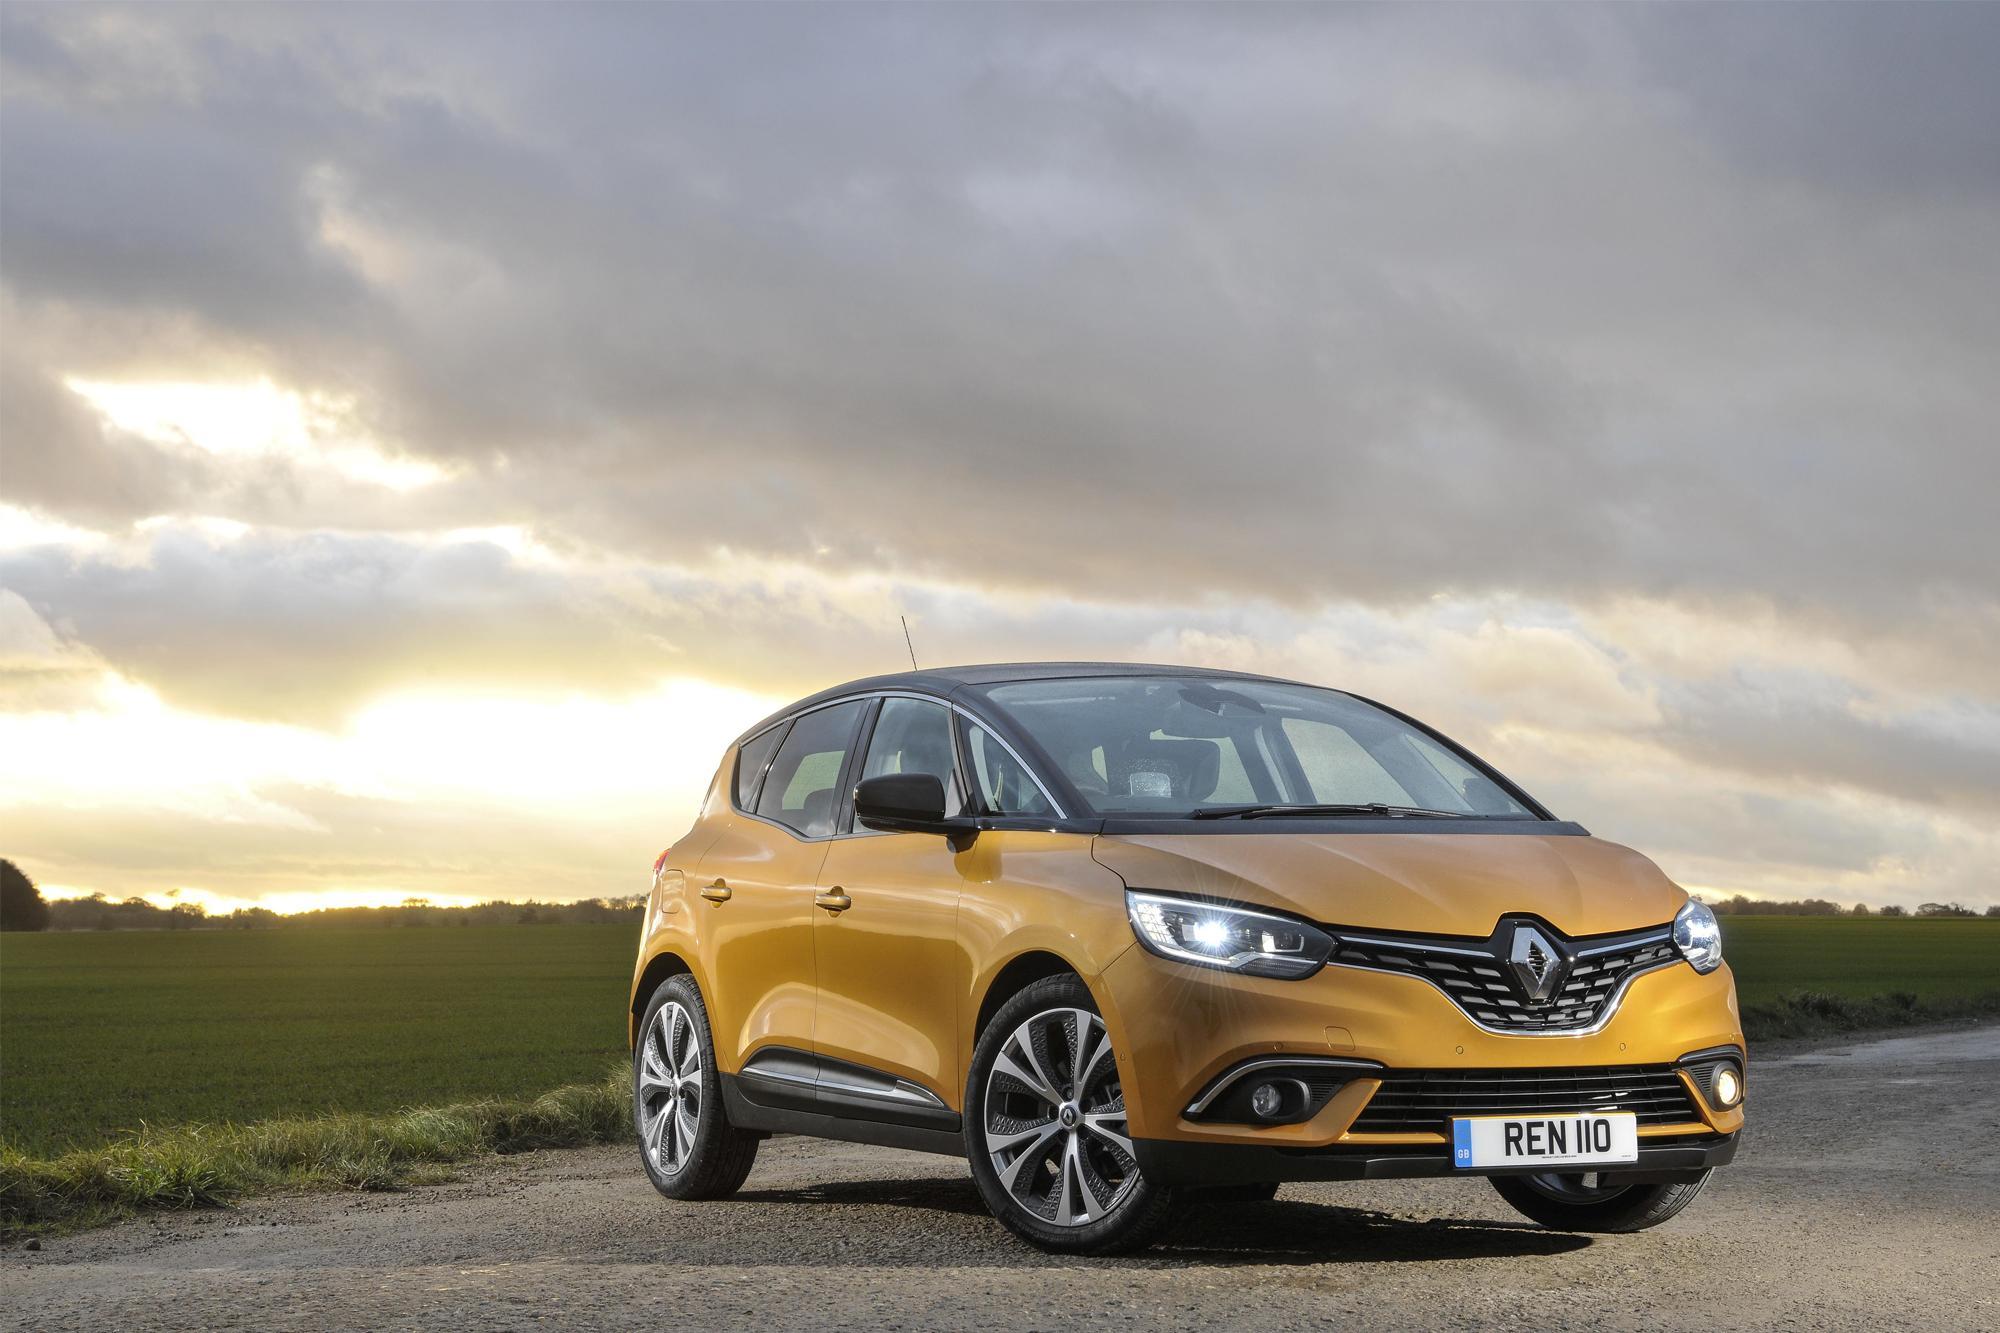 Renault Scenic στην Ελλάδα από €28.190